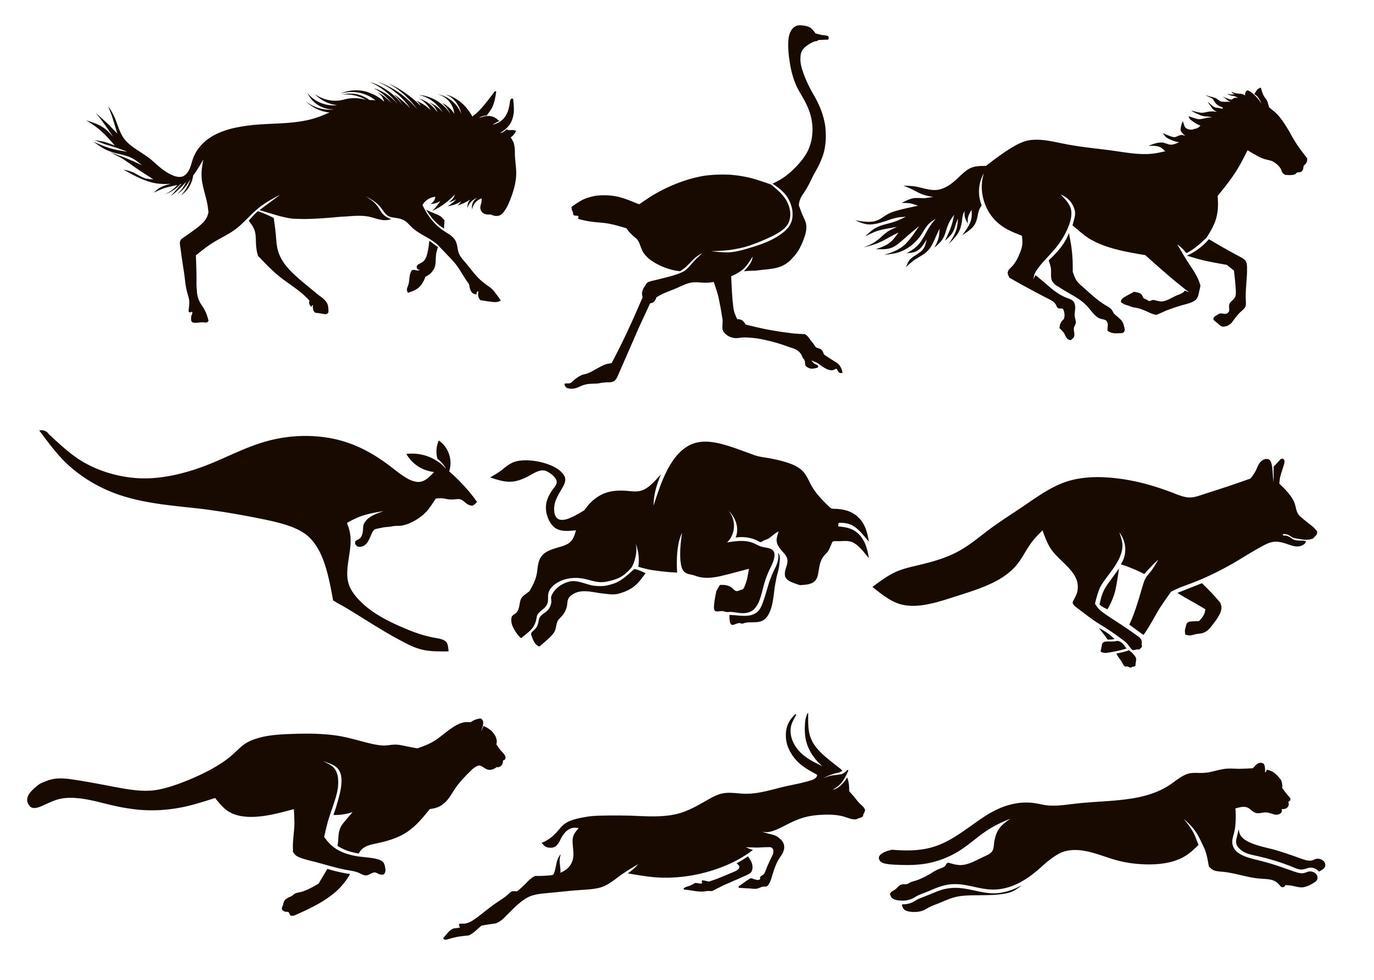 Sammlung von laufenden Tier Silhouetten vektor